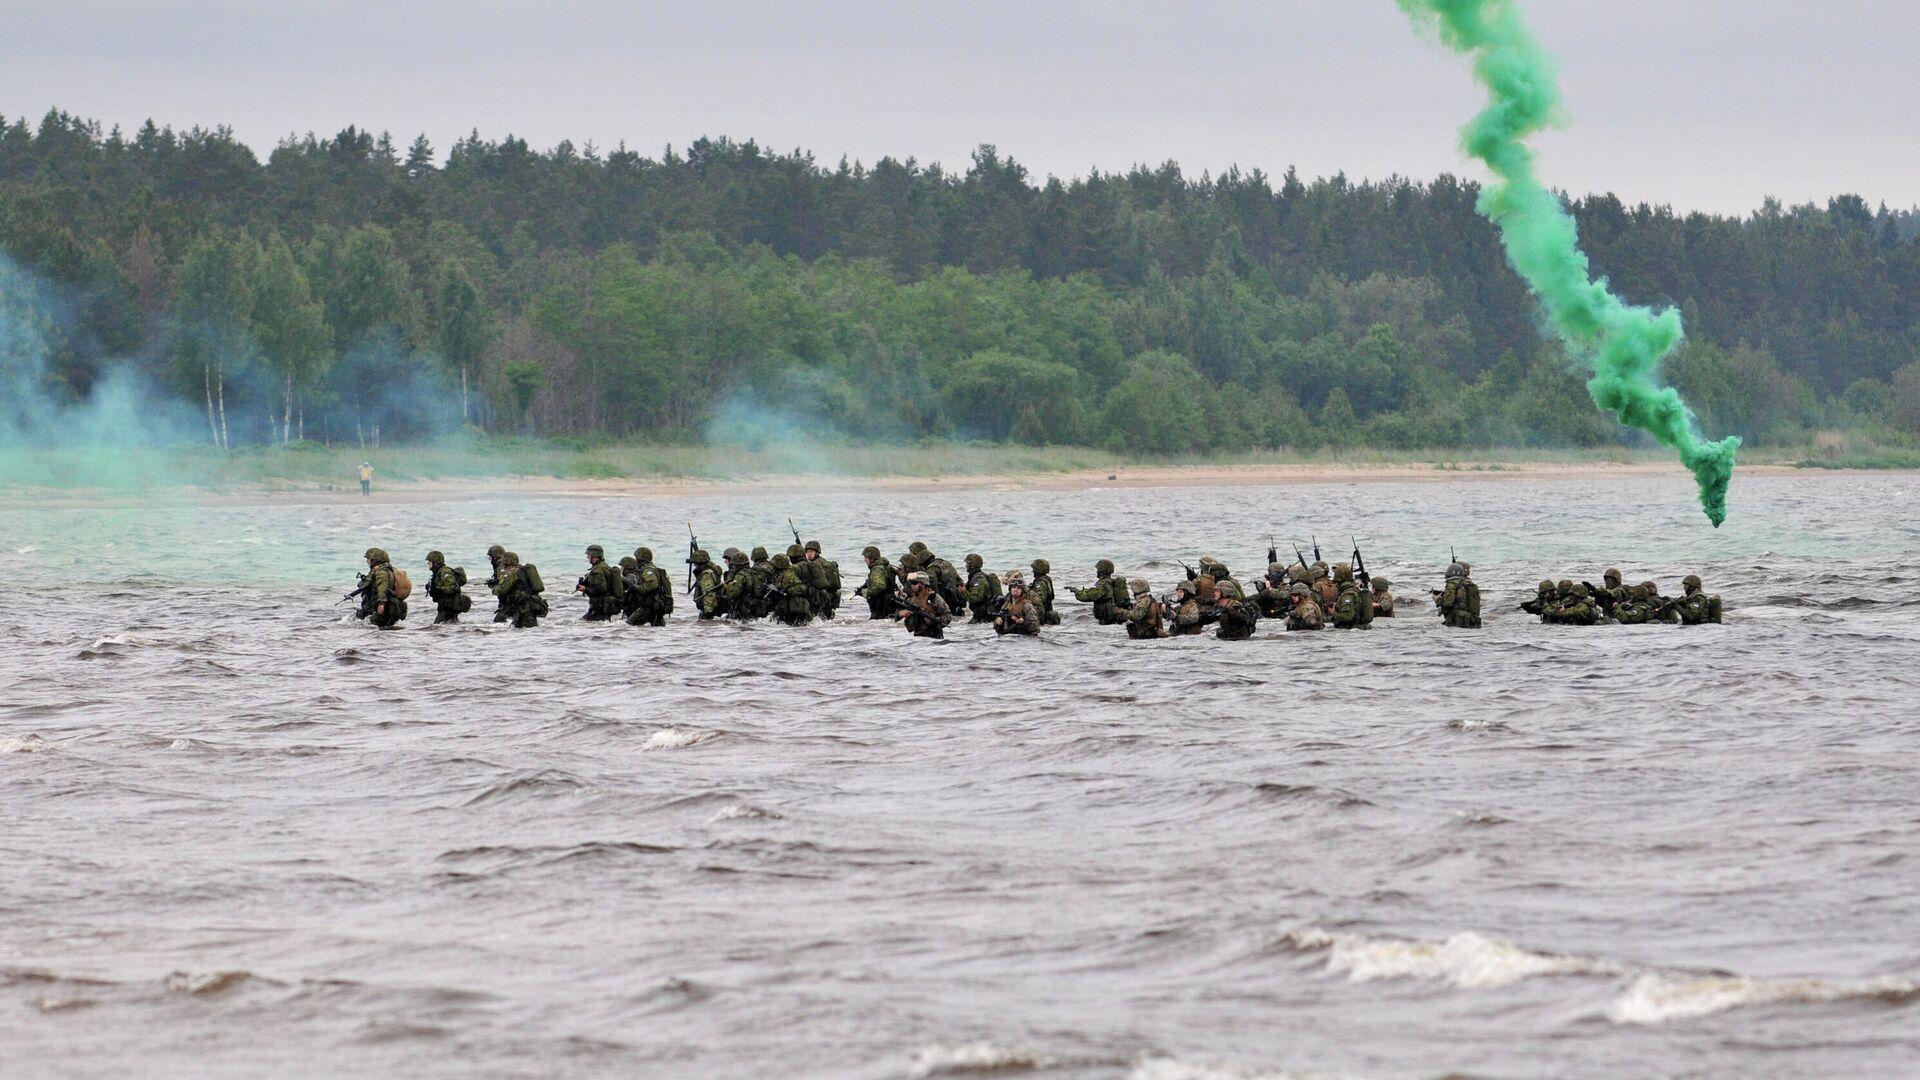 Амерички маринци и естонски извиђачи искрцавају се на обалу Балтичког мора током војних вежби Baltops 2010 - Sputnik Србија, 1920, 07.10.2021